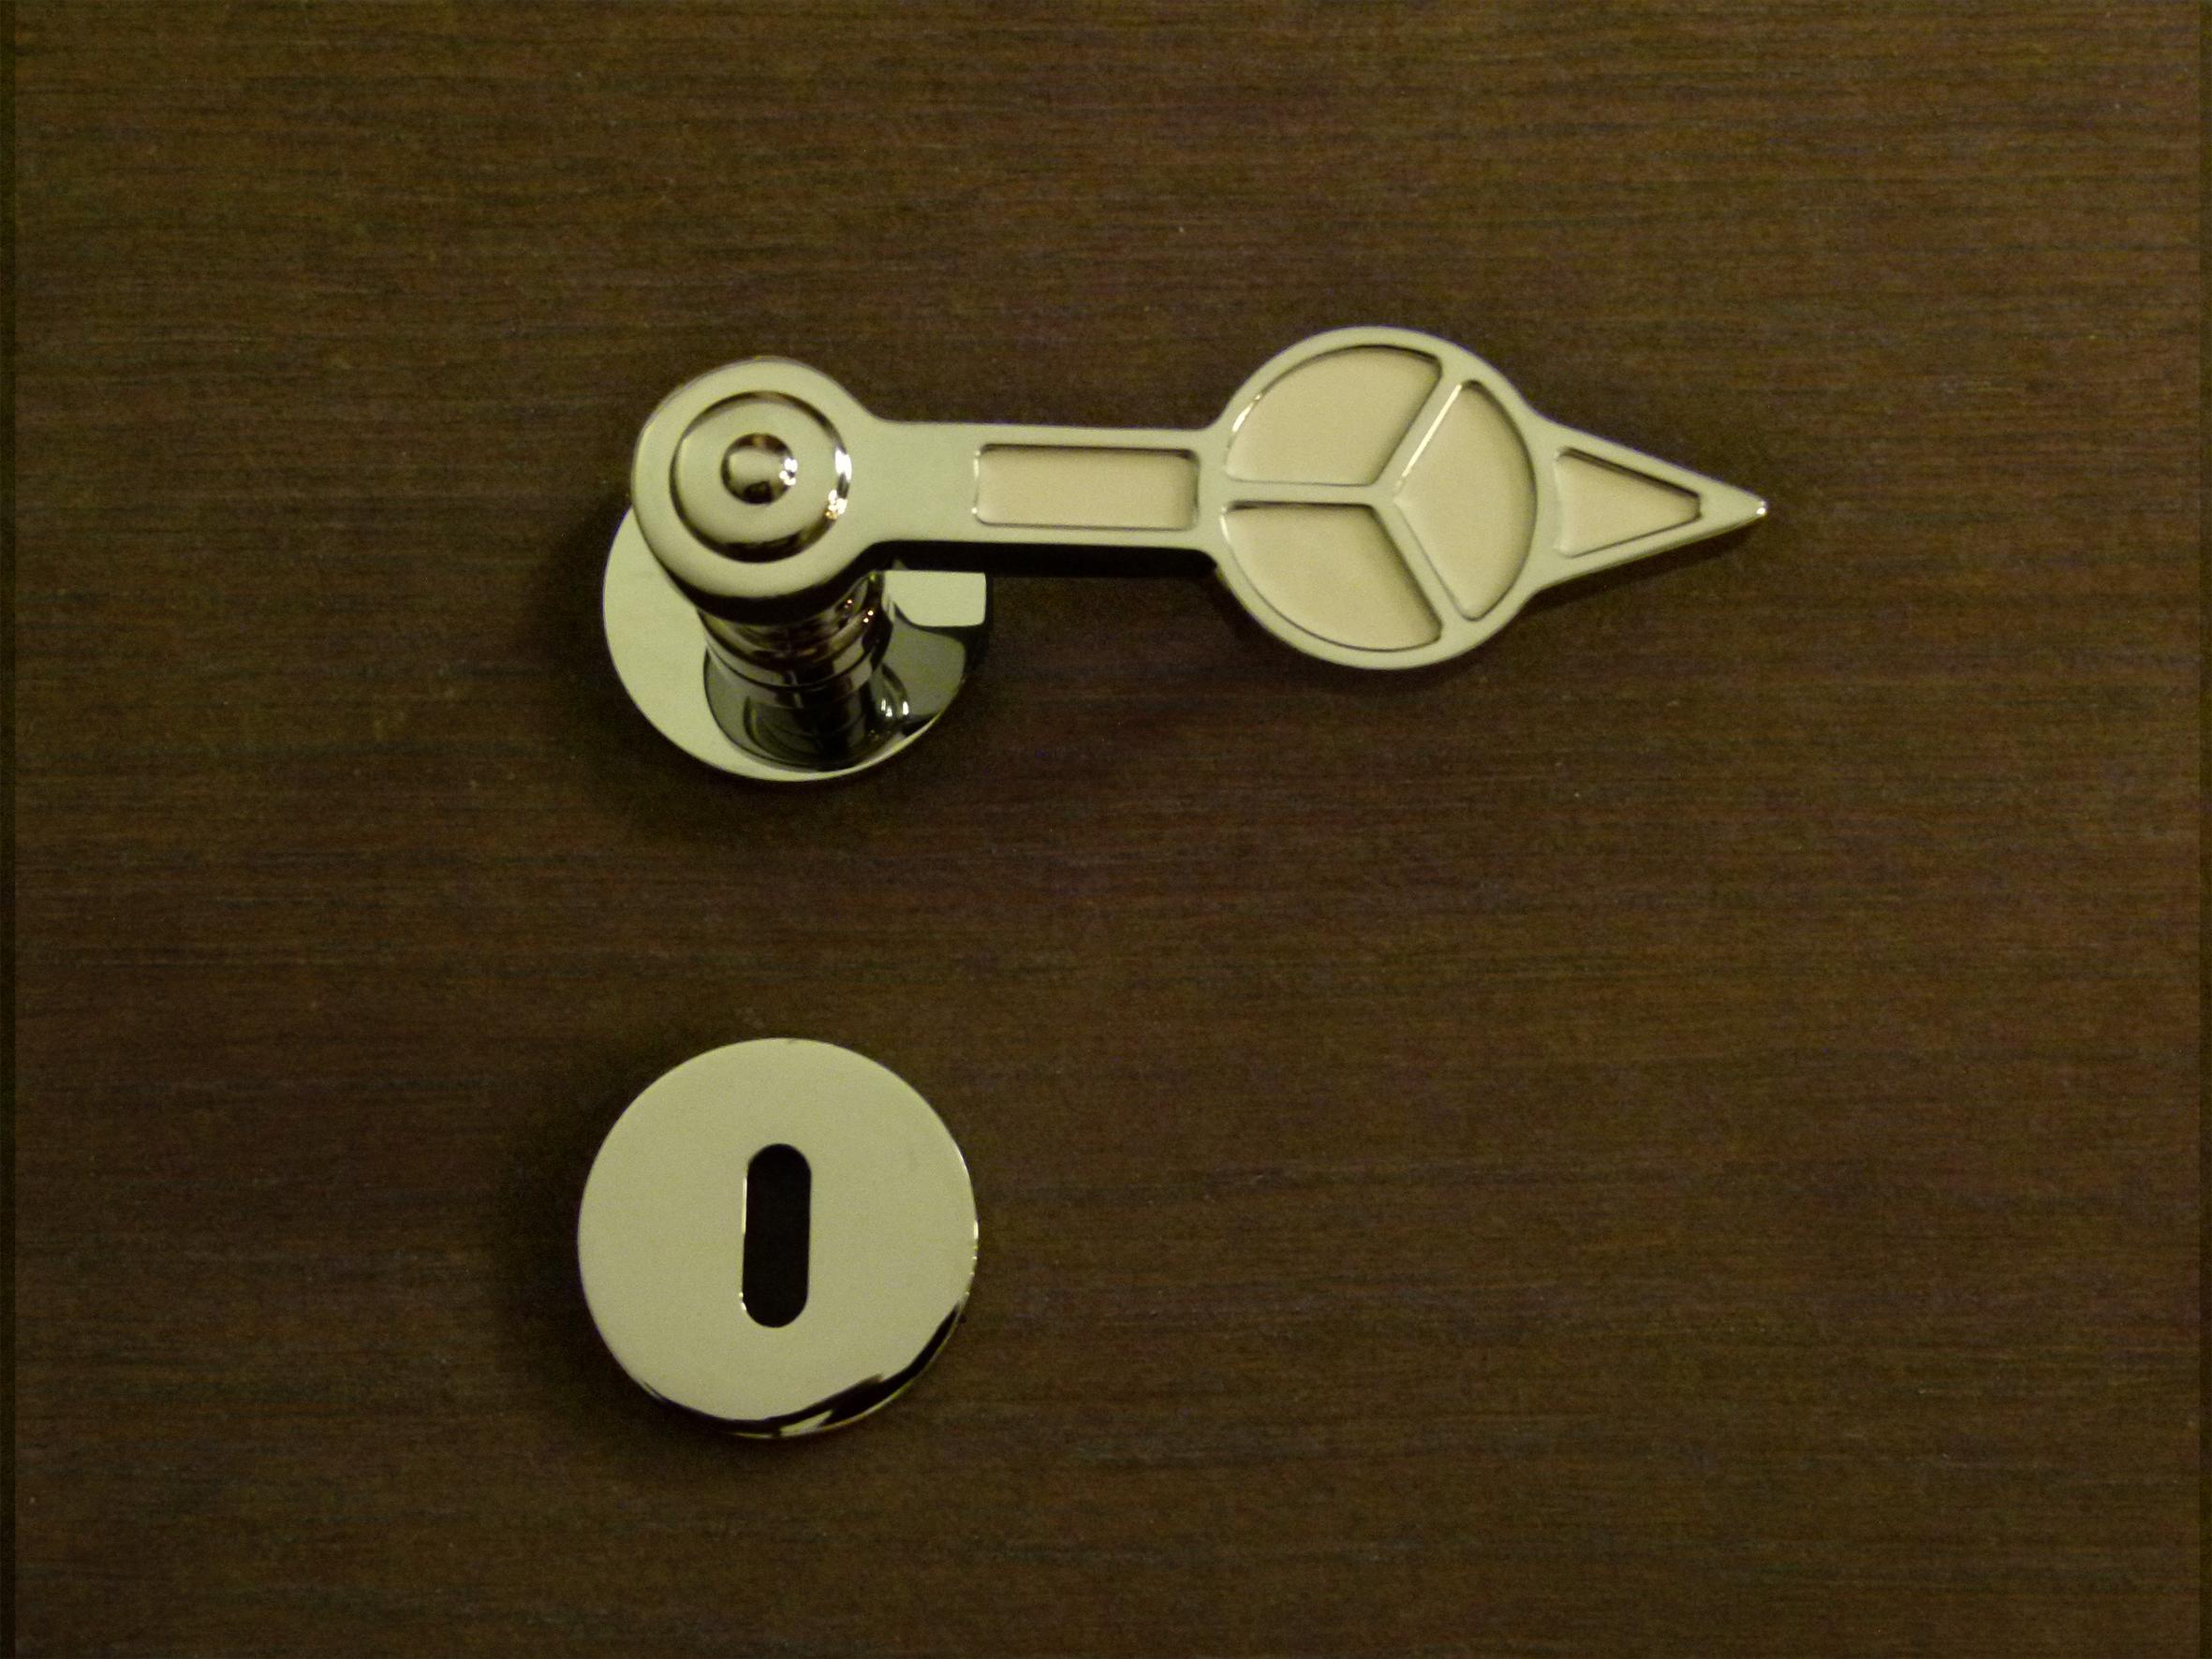 Scegli la maniglia con stile, aggiungi un tocco senza tempo alla tua casa.  Scegli USHAK GMT.